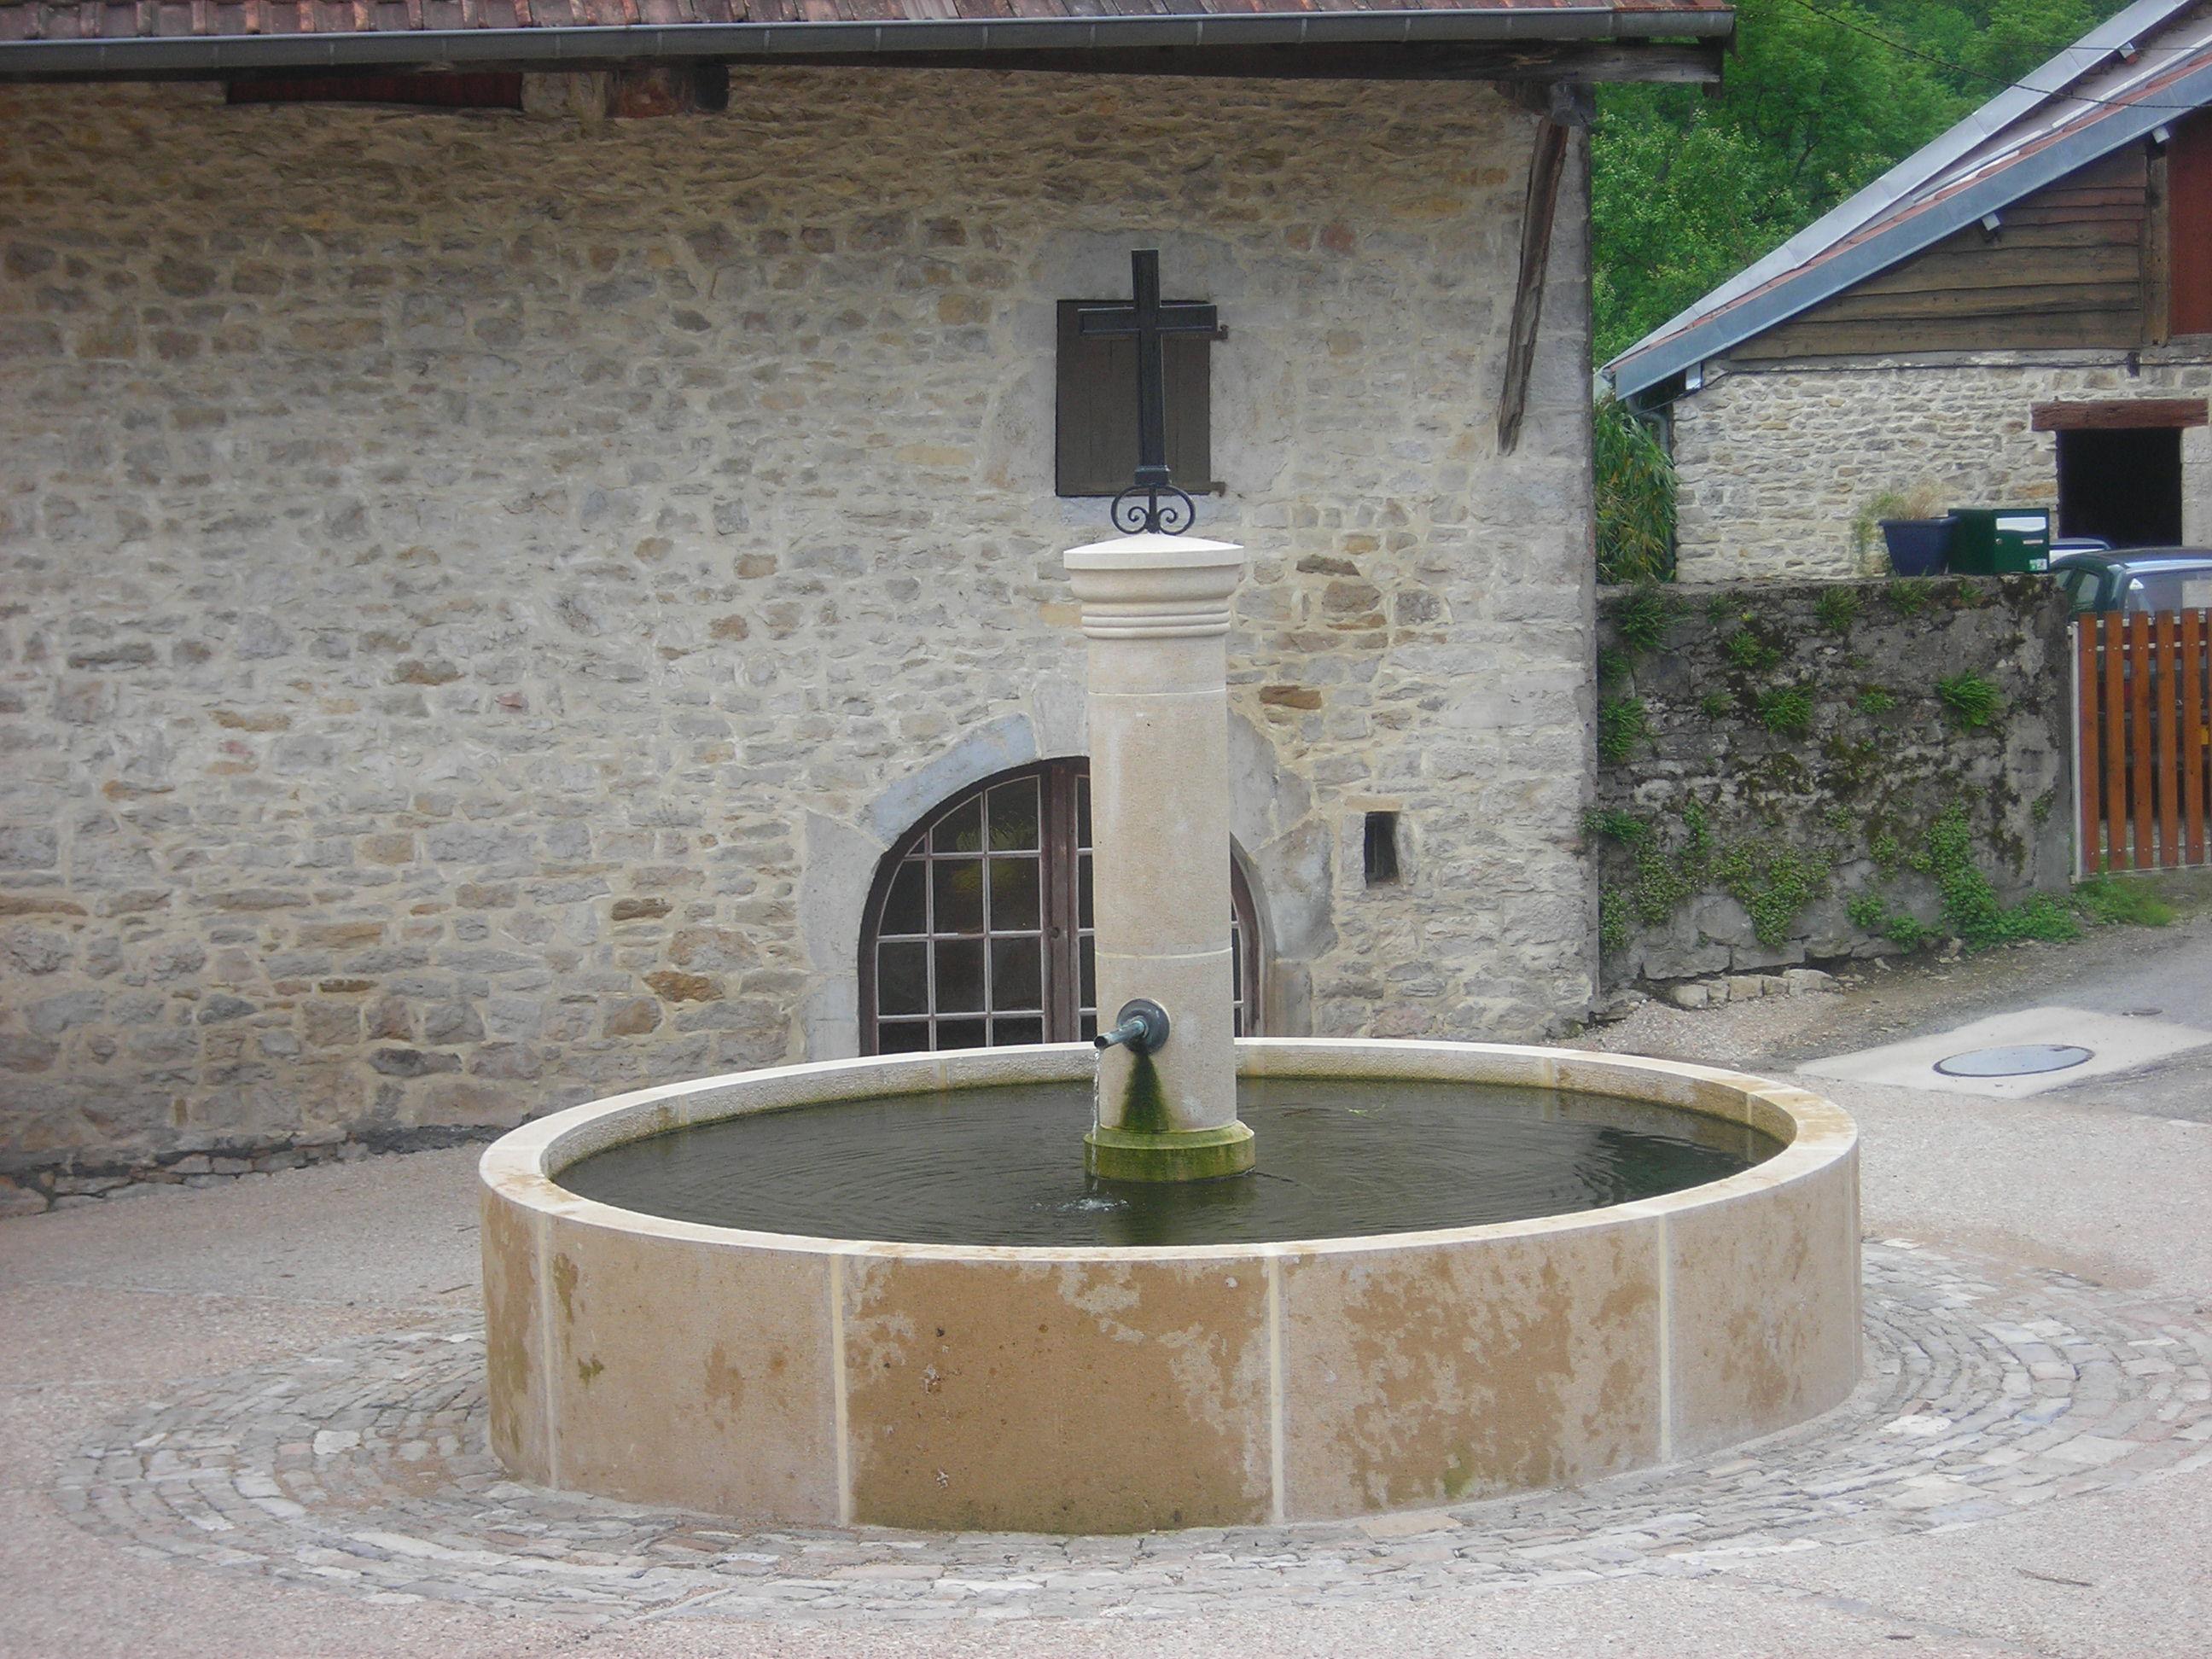 fontaine-en-2006-photo-2